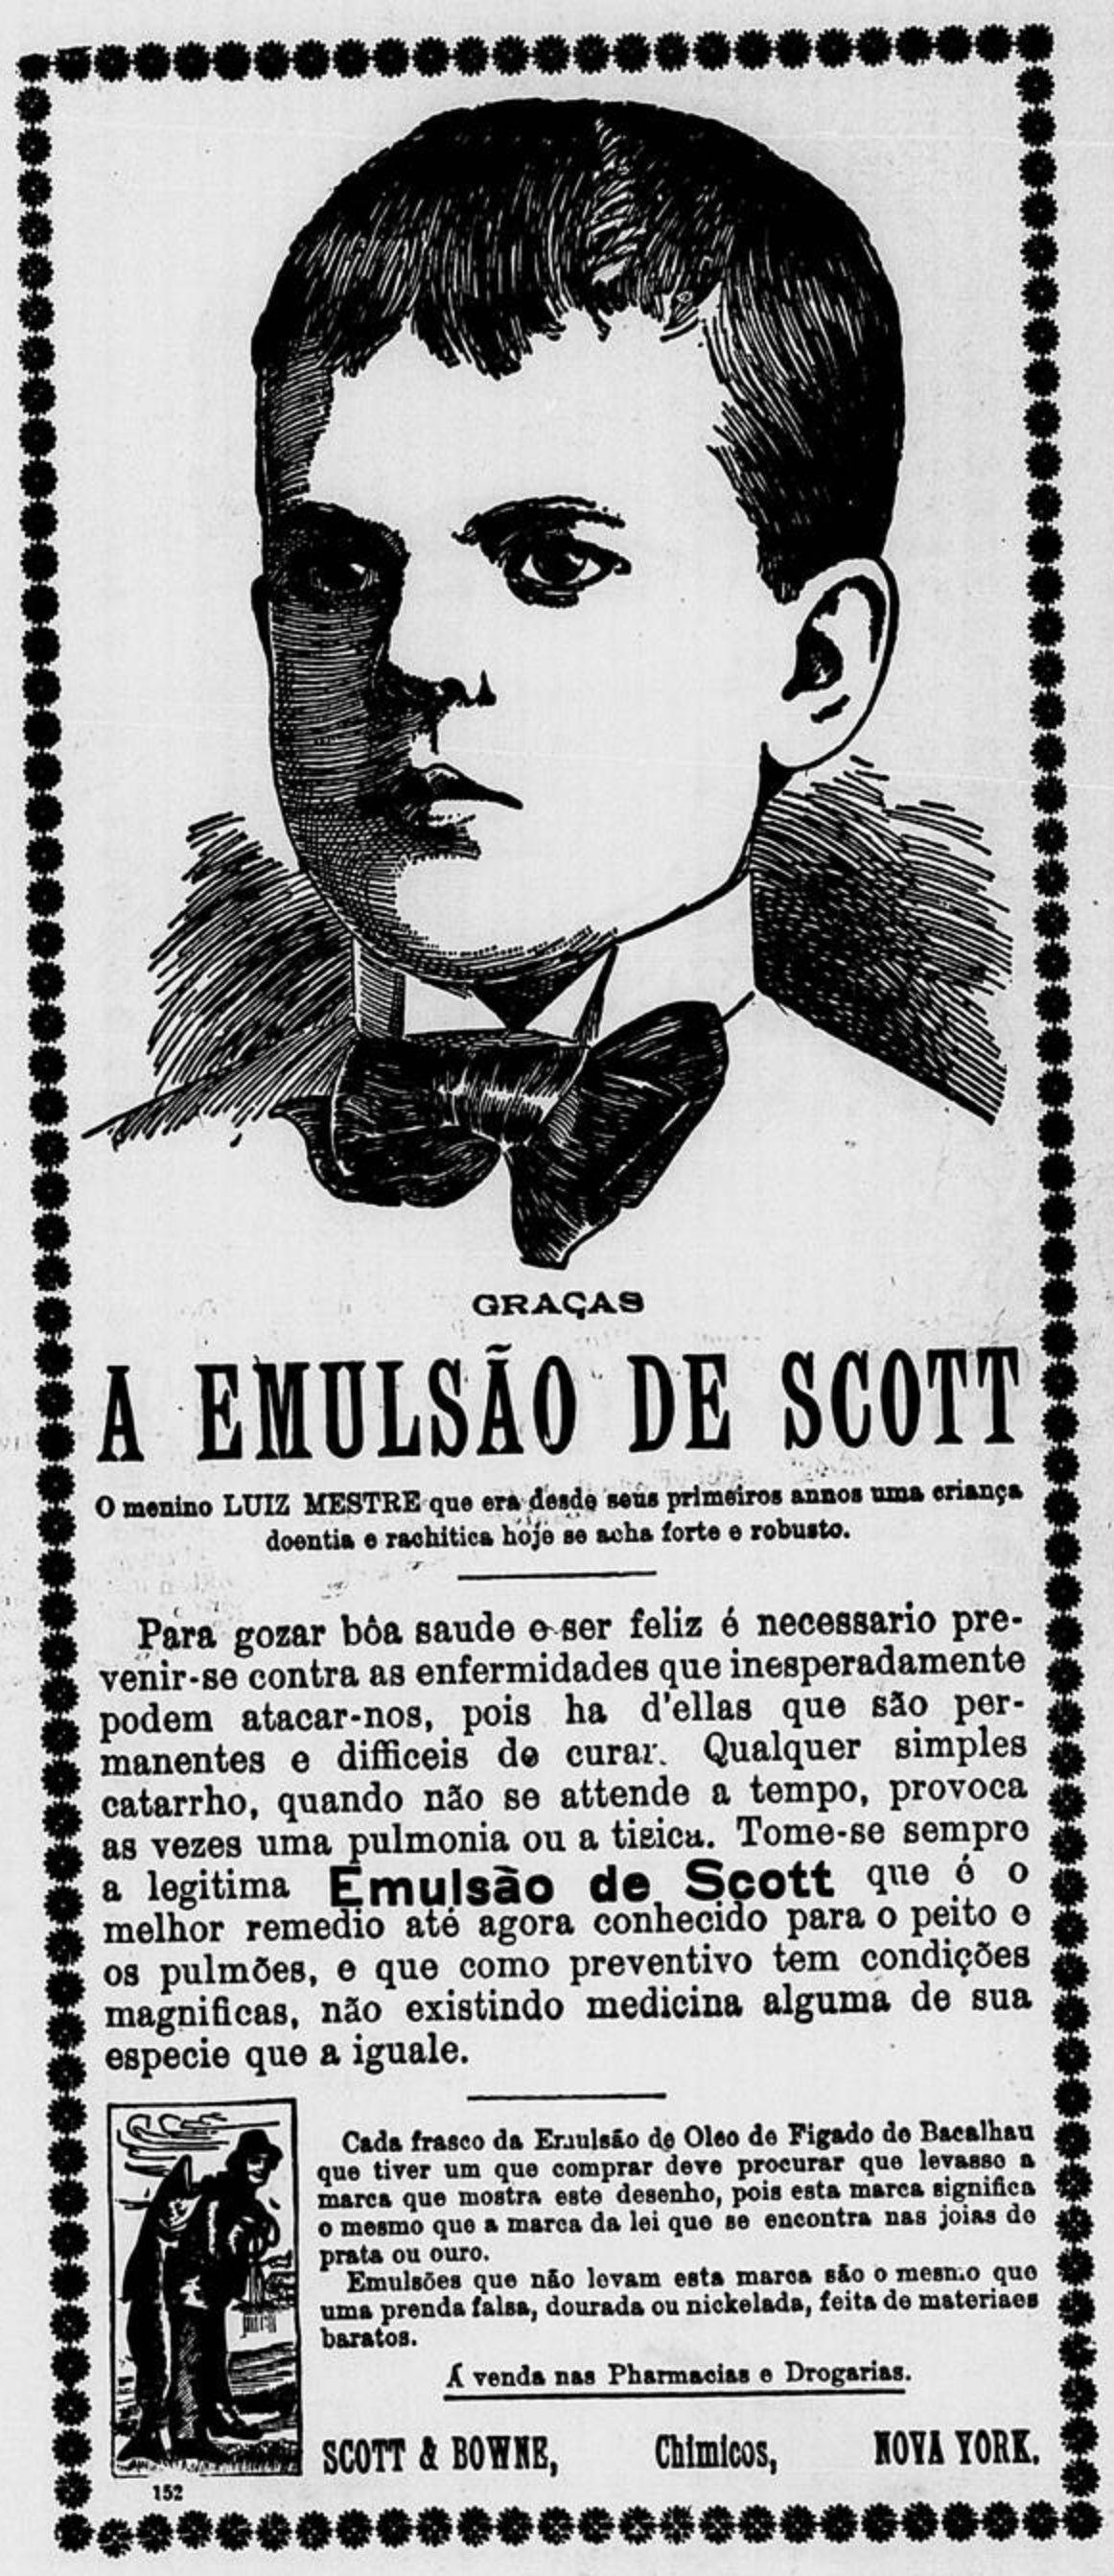 Anúncio antigo do Emulsão de Scott para promover a saúde em crianças no ano de 1904